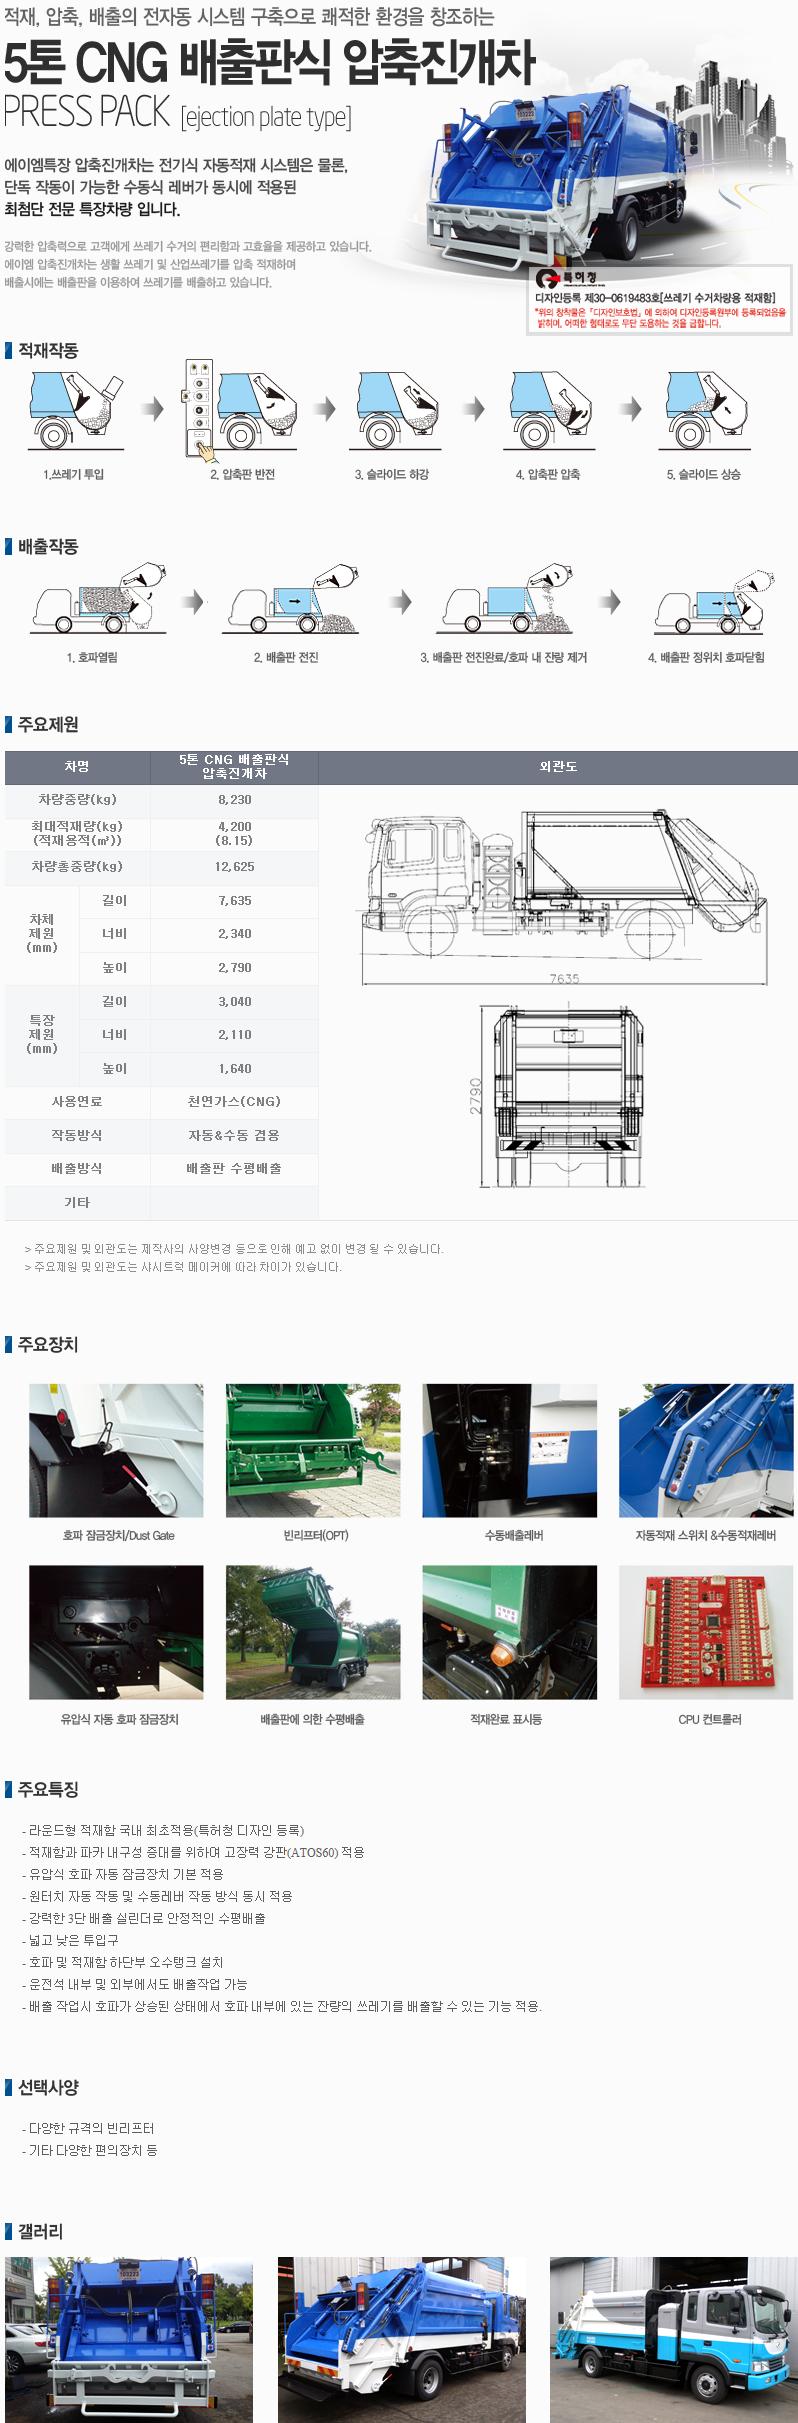 (주)에이엠특장 5톤 CNG 배출판식  1